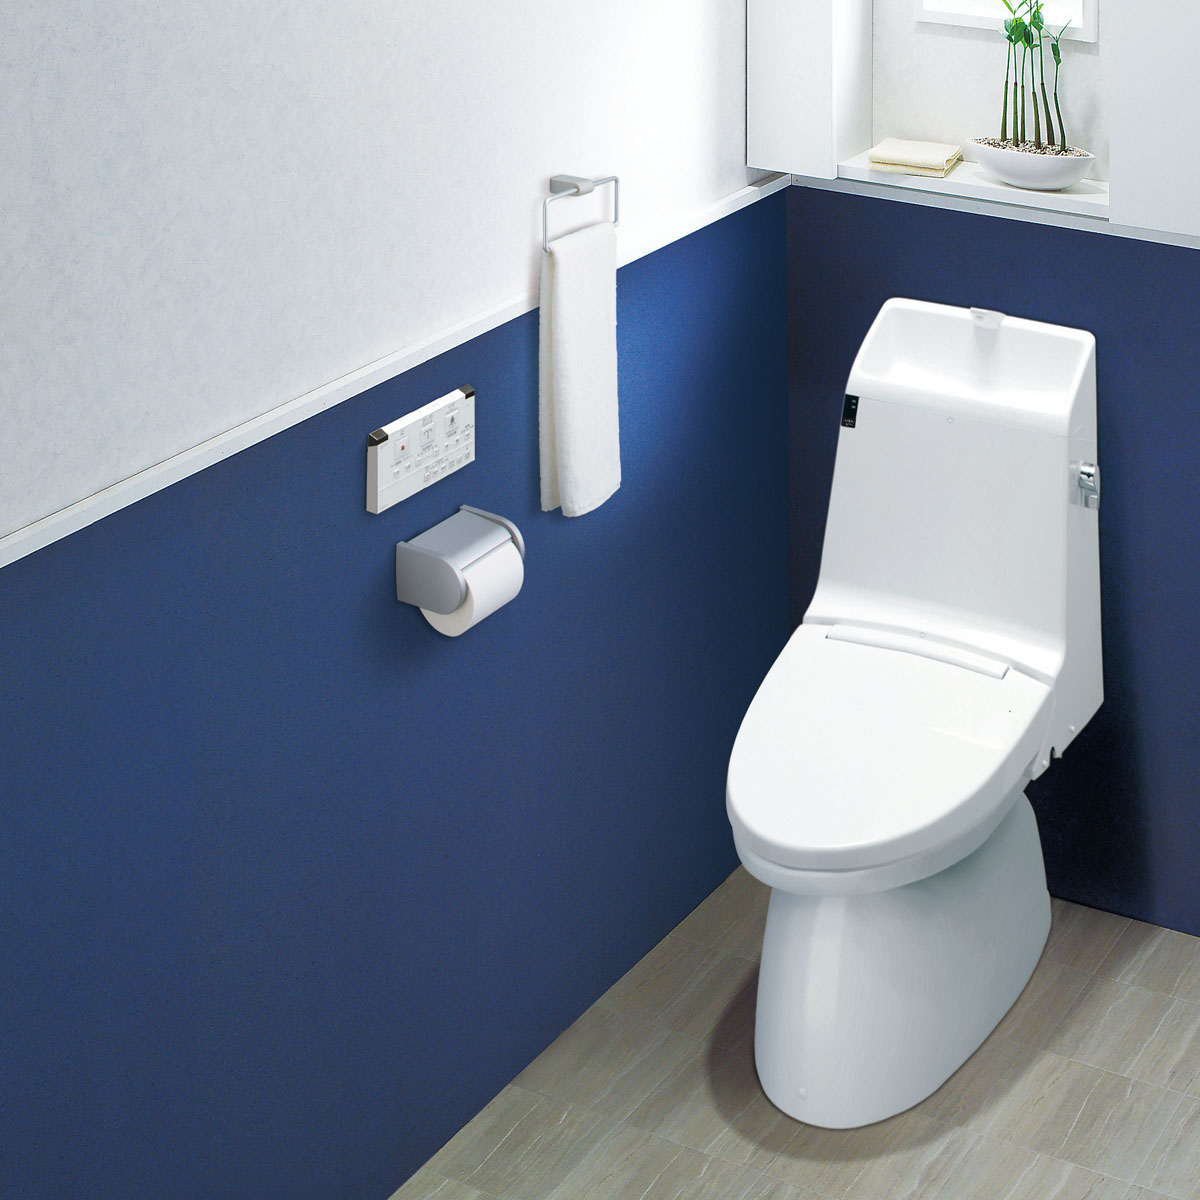 暖房便座シャワートイレ